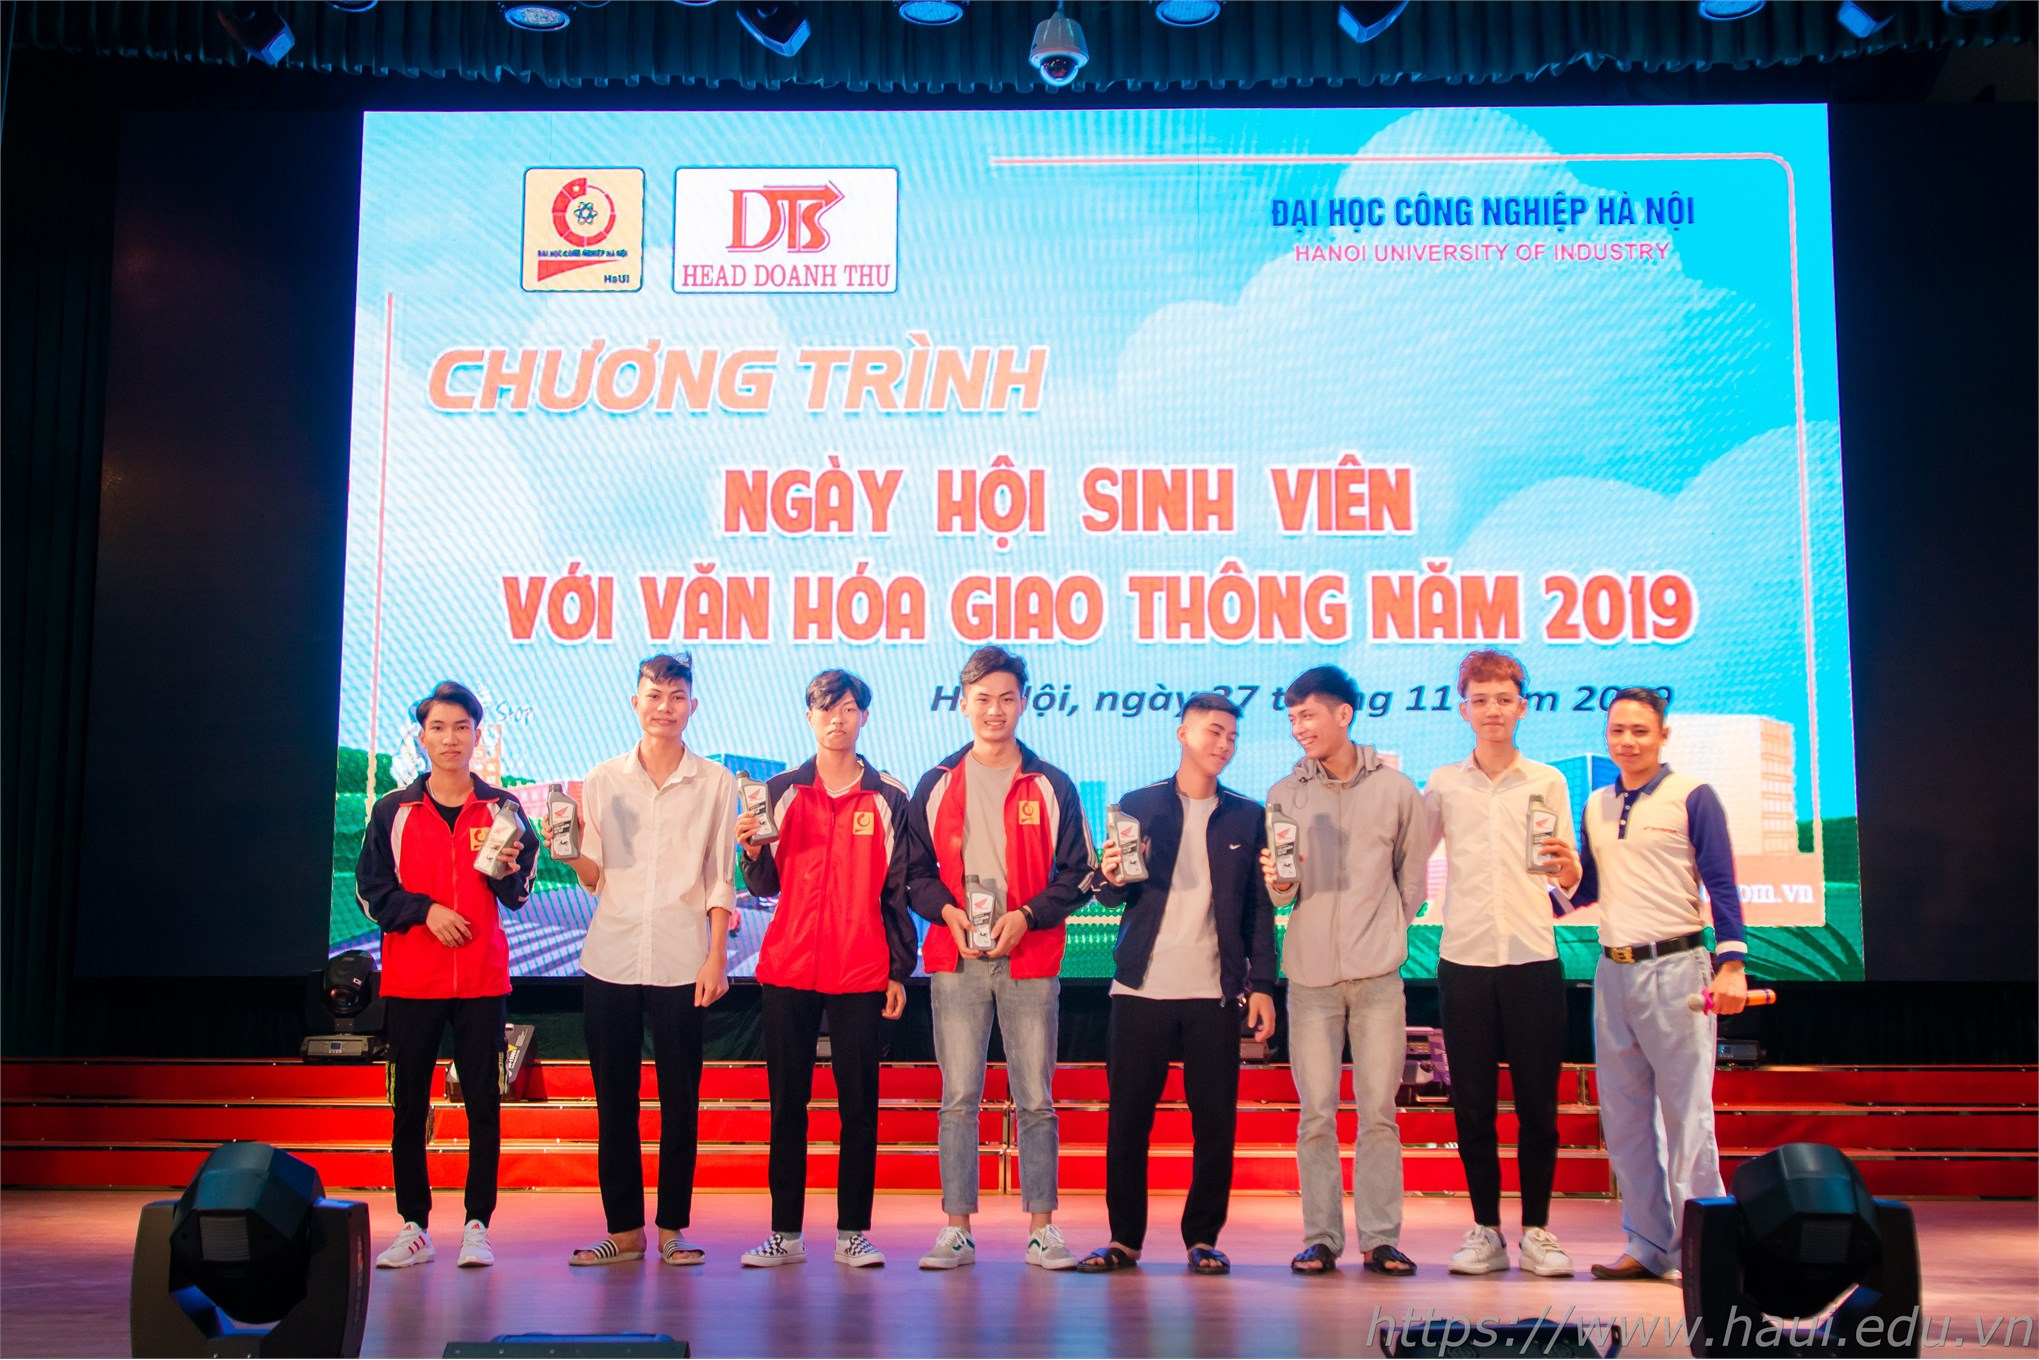 Sinh viên Đại học Công nghiệp Hà Nội hào hứng tham gia phần thi lý thuyết tìm hiểu về an toàn giao thông